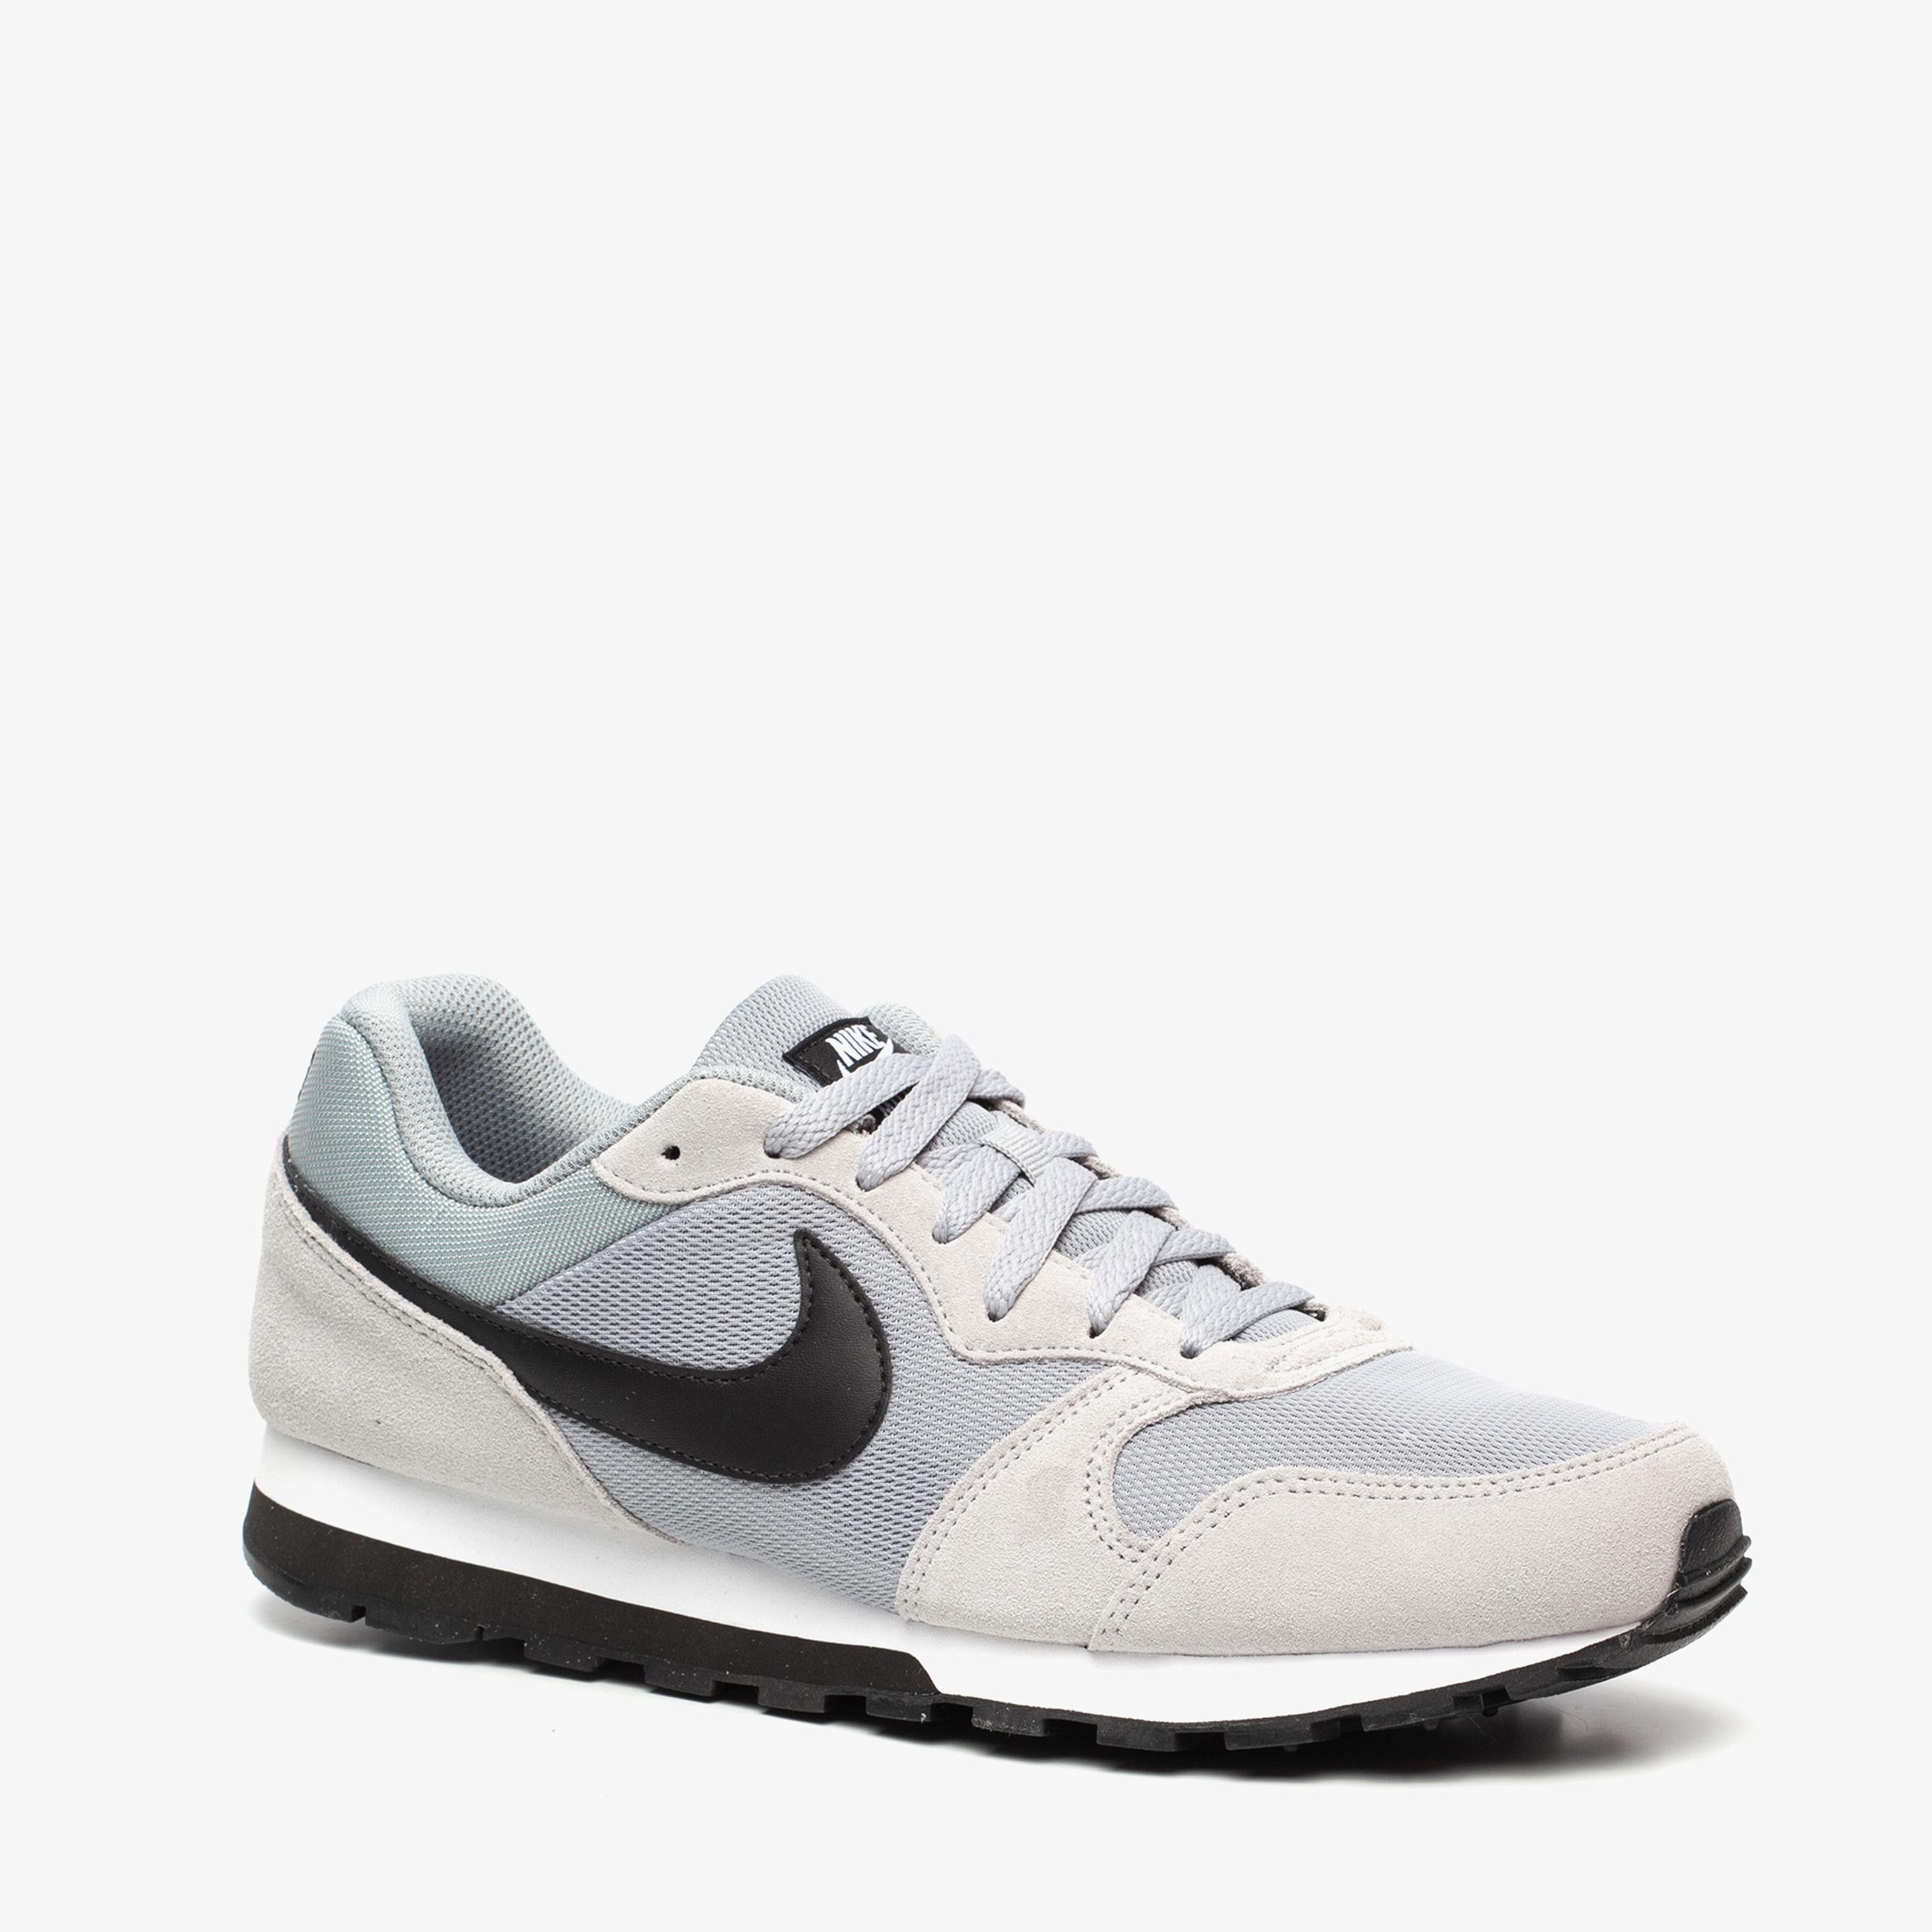 2587573a512 Nike MD Runner 2 heren sneakers online bestellen | Scapino